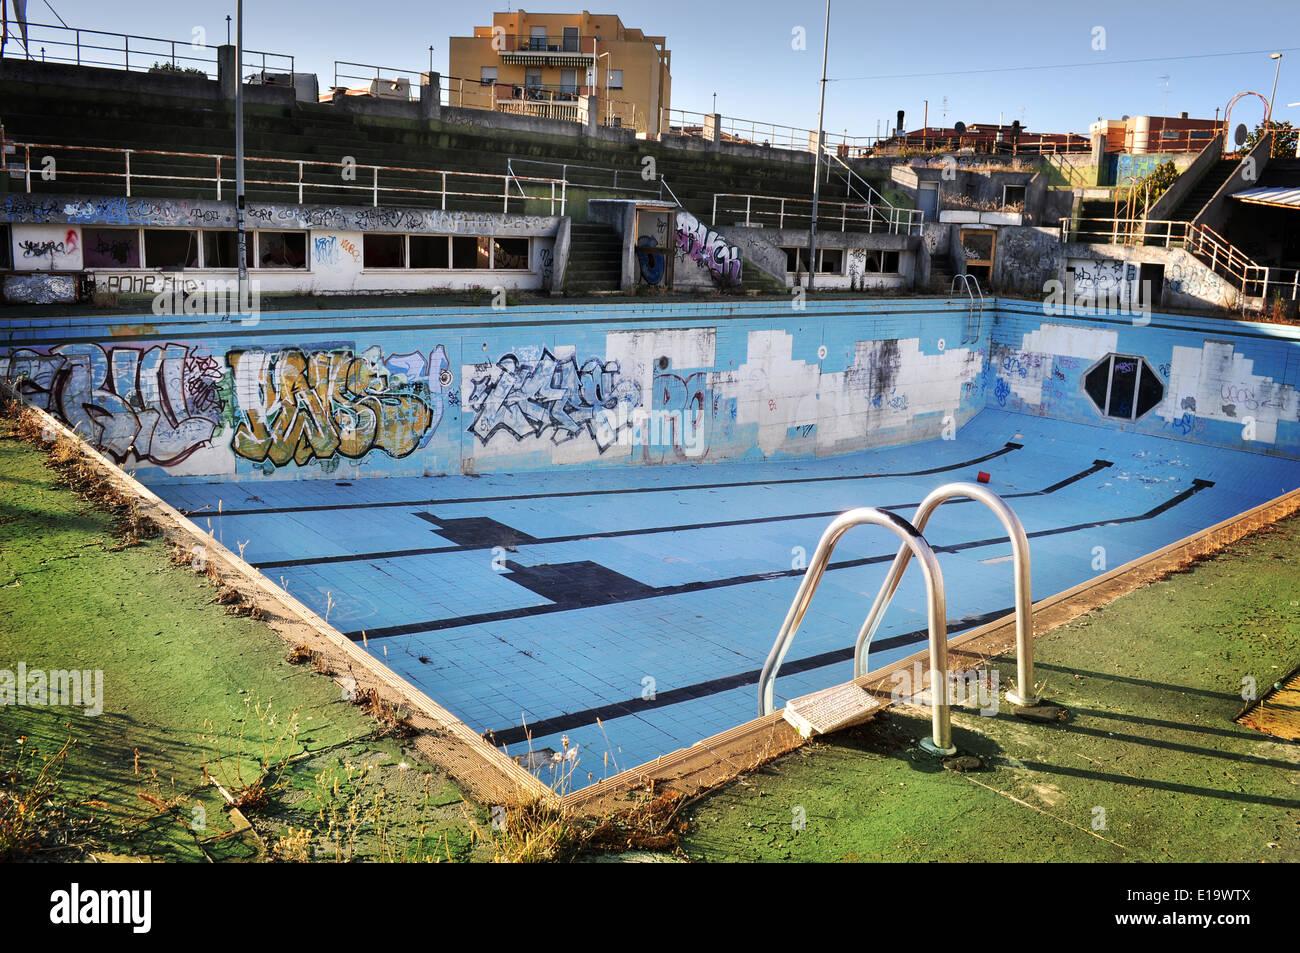 Abandoned swimming pool stock photos abandoned swimming - Public swimming pools north las vegas ...